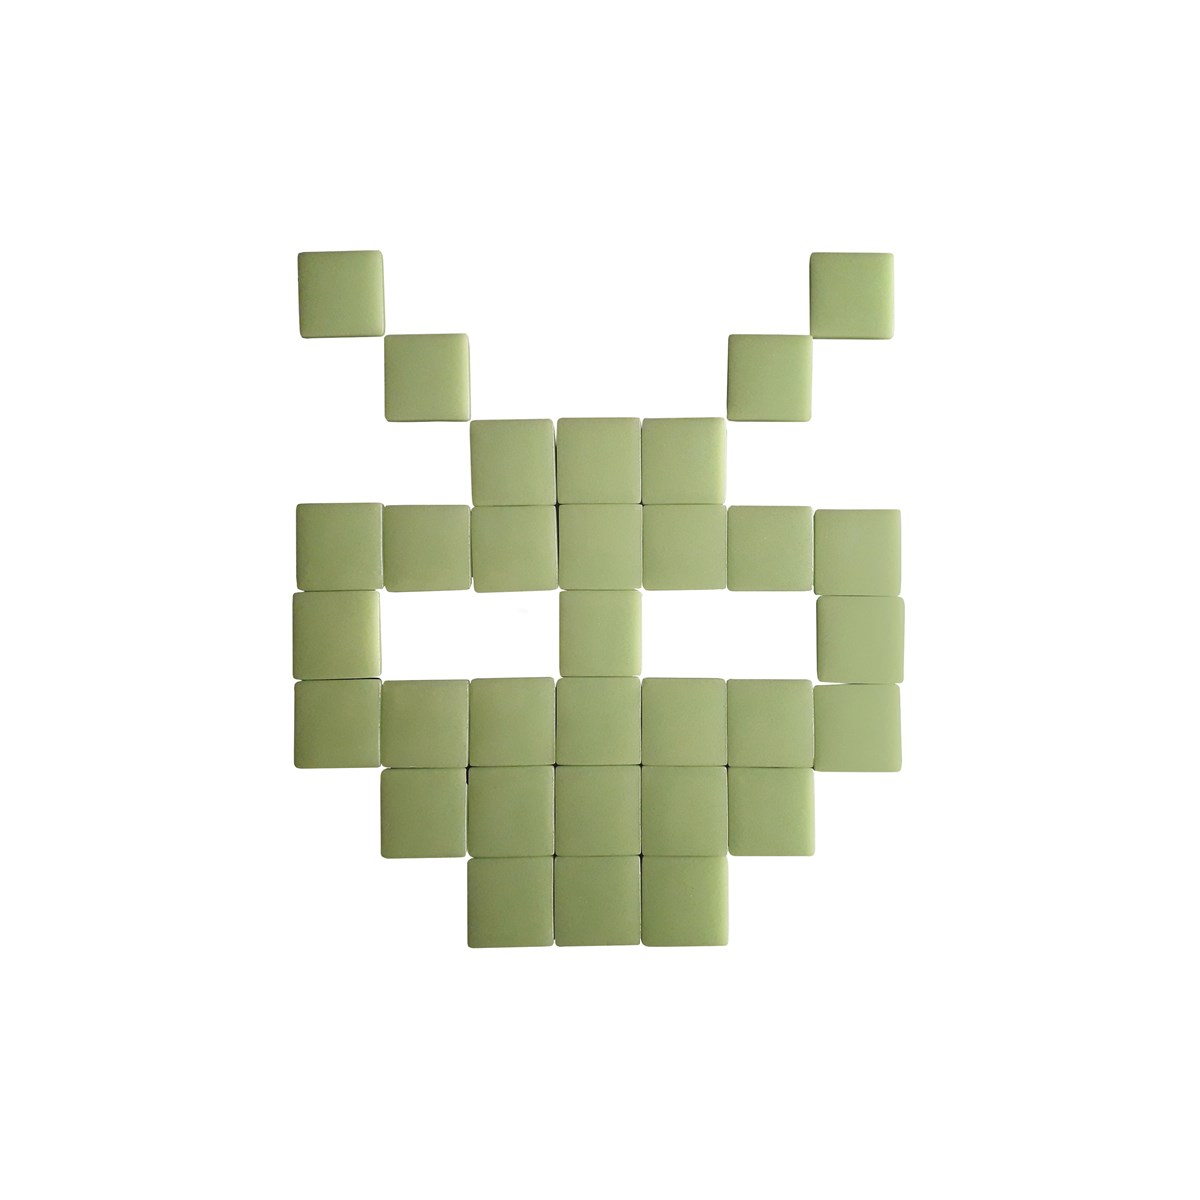 Mosaïque adhésive en verre vert clair